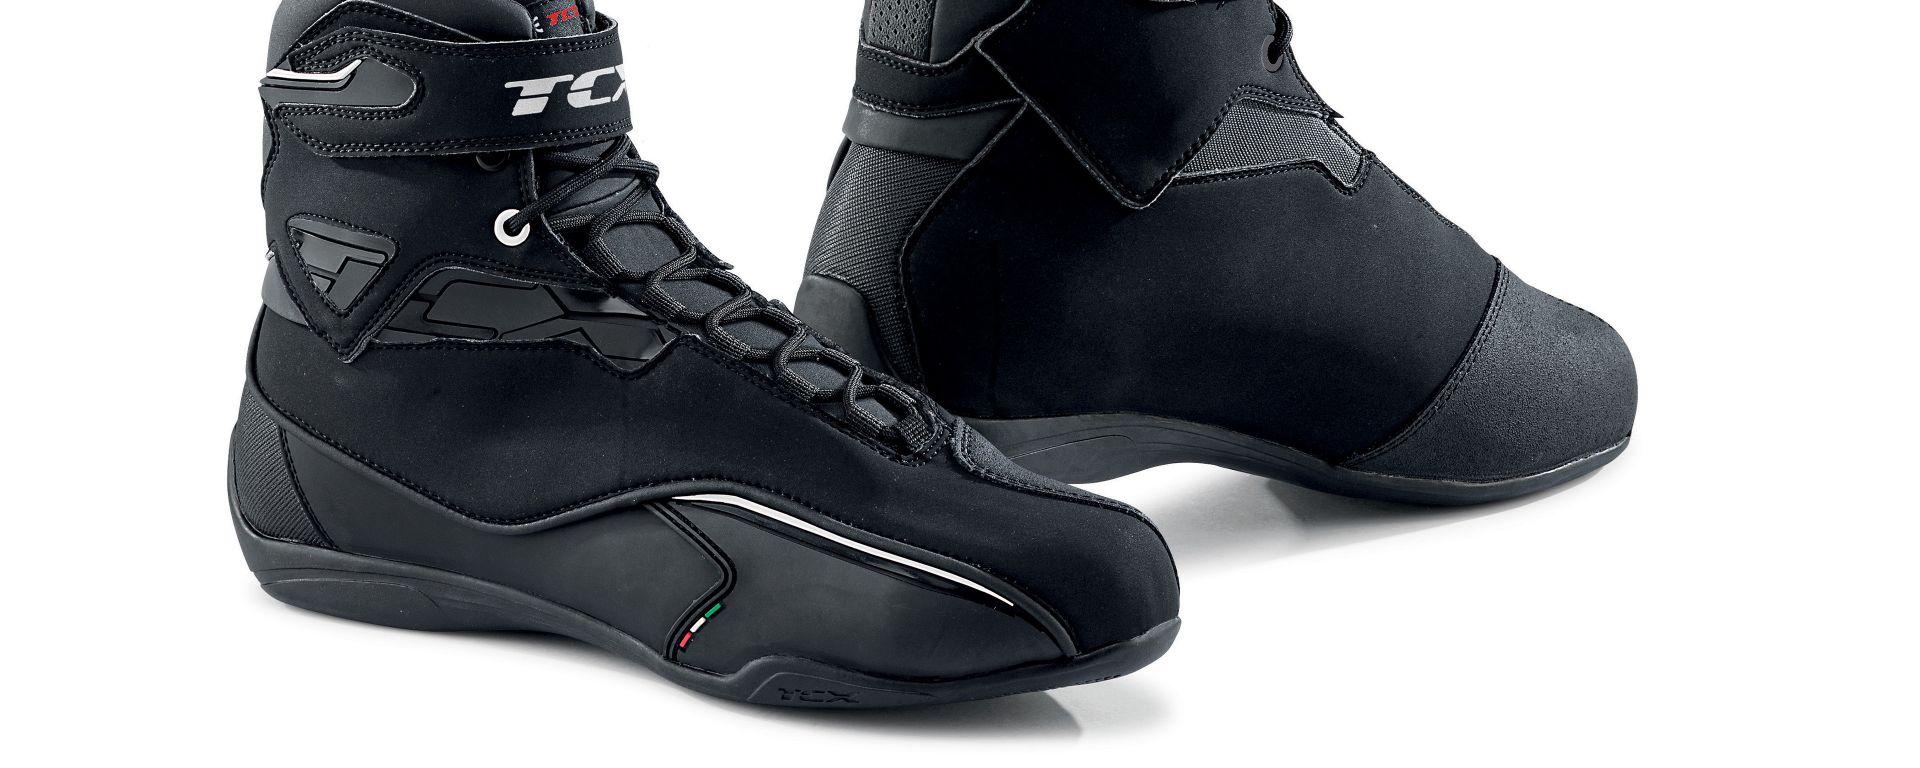 TCX Zeta WP, le nuove scarpe per i commuter delle due ruote